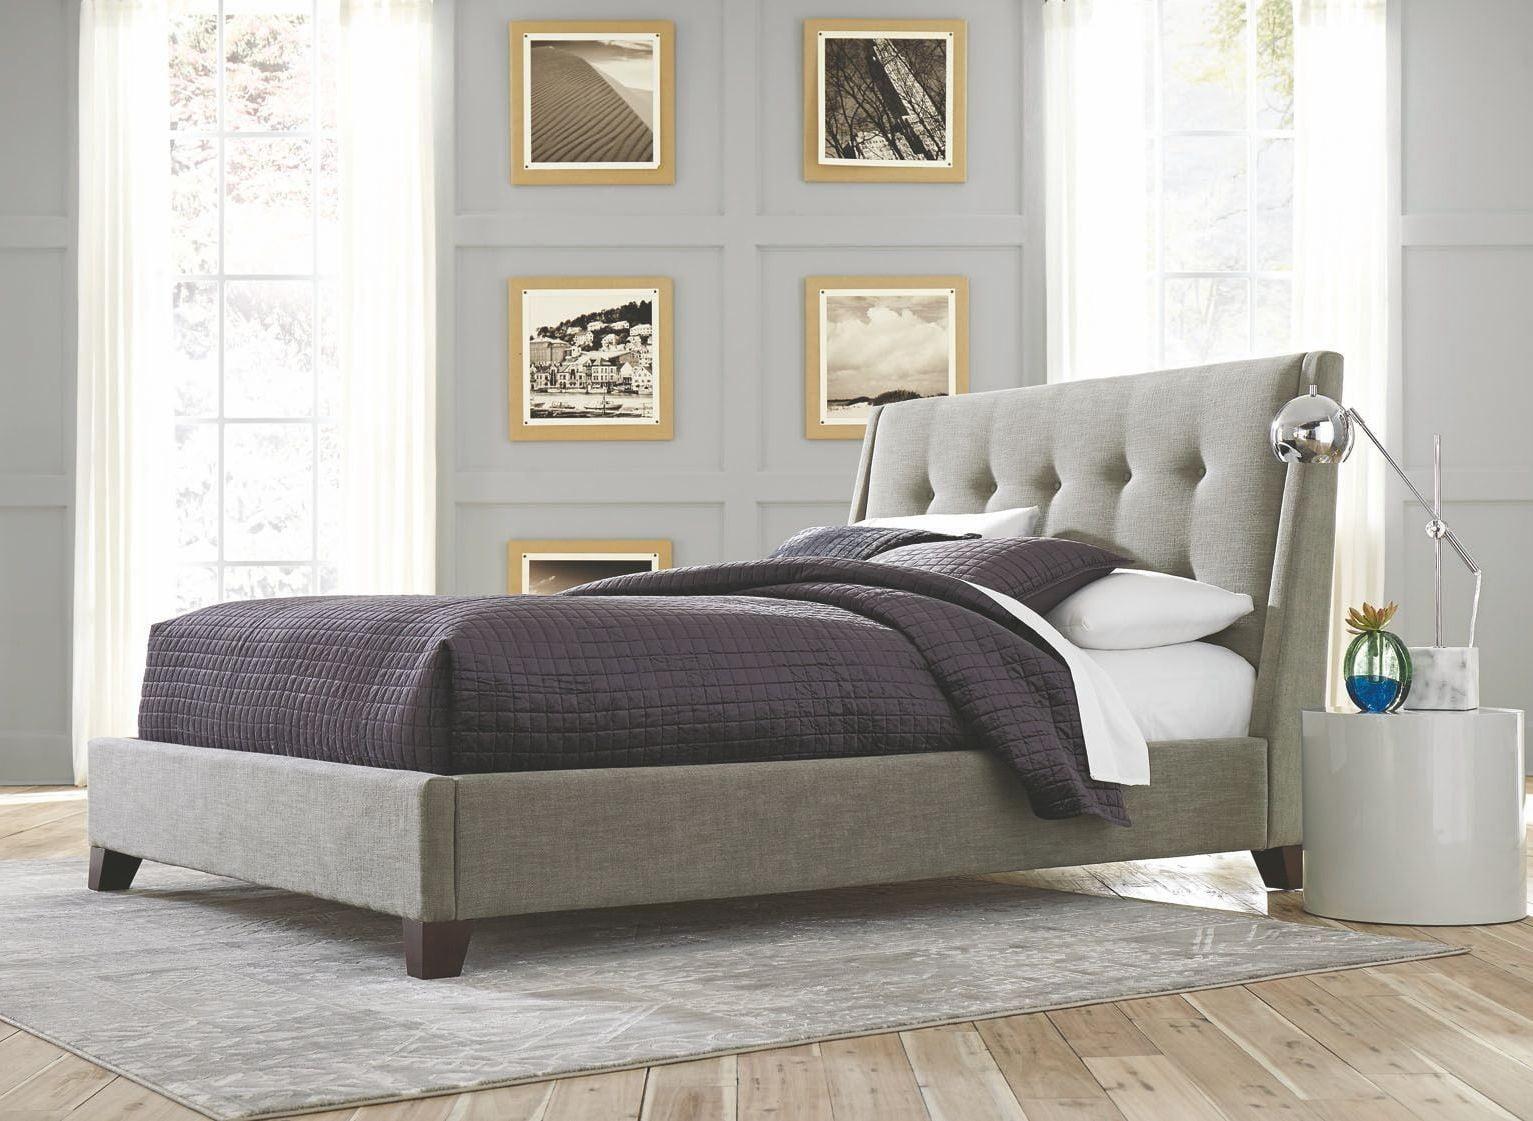 ballard light gray queen upholstered bed from casana | coleman furniture